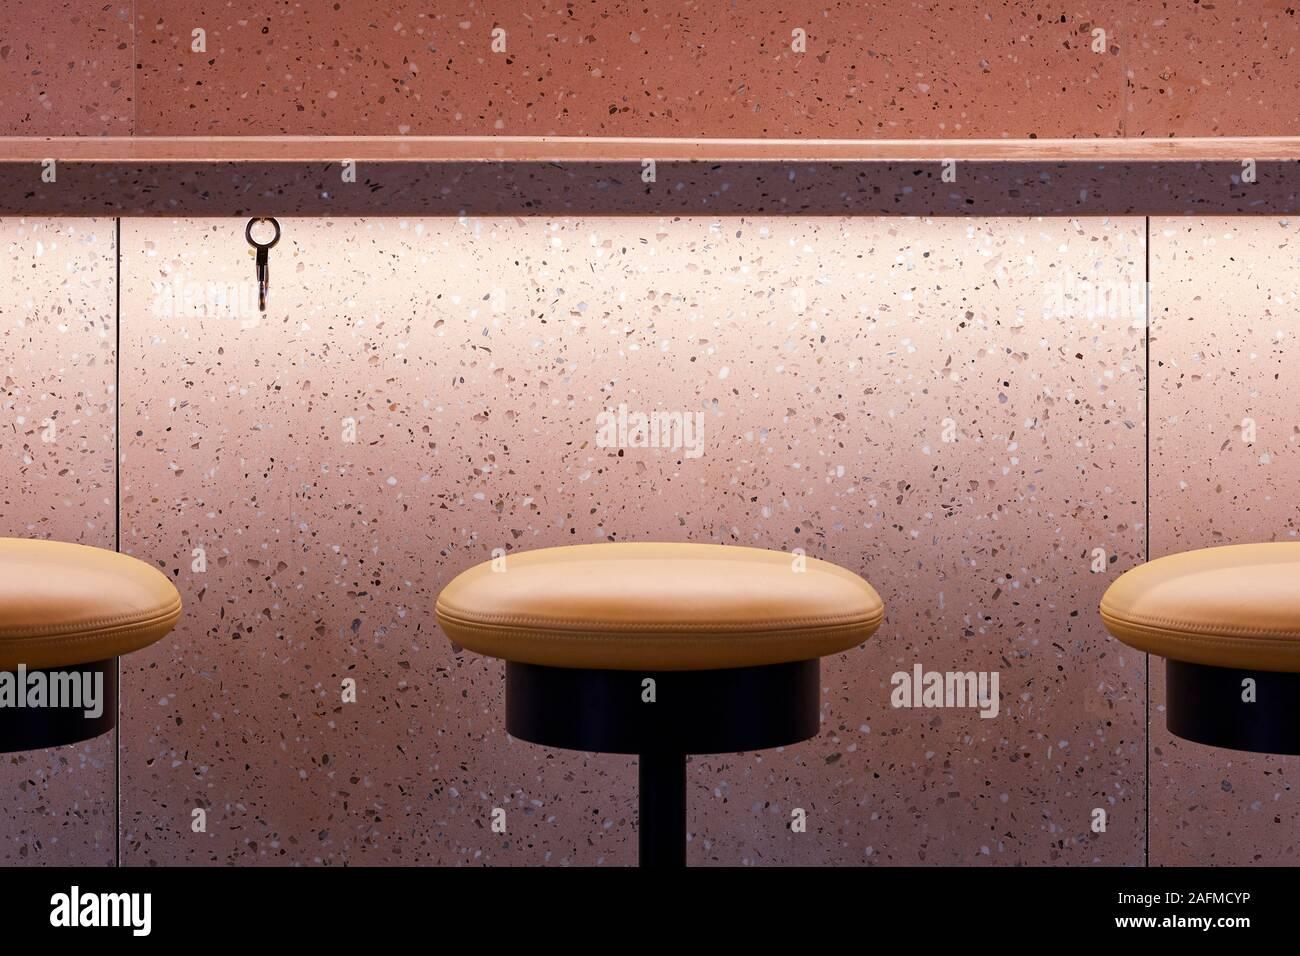 Bar Stool Stock Photos Amp Bar Stool Stock Images Alamy